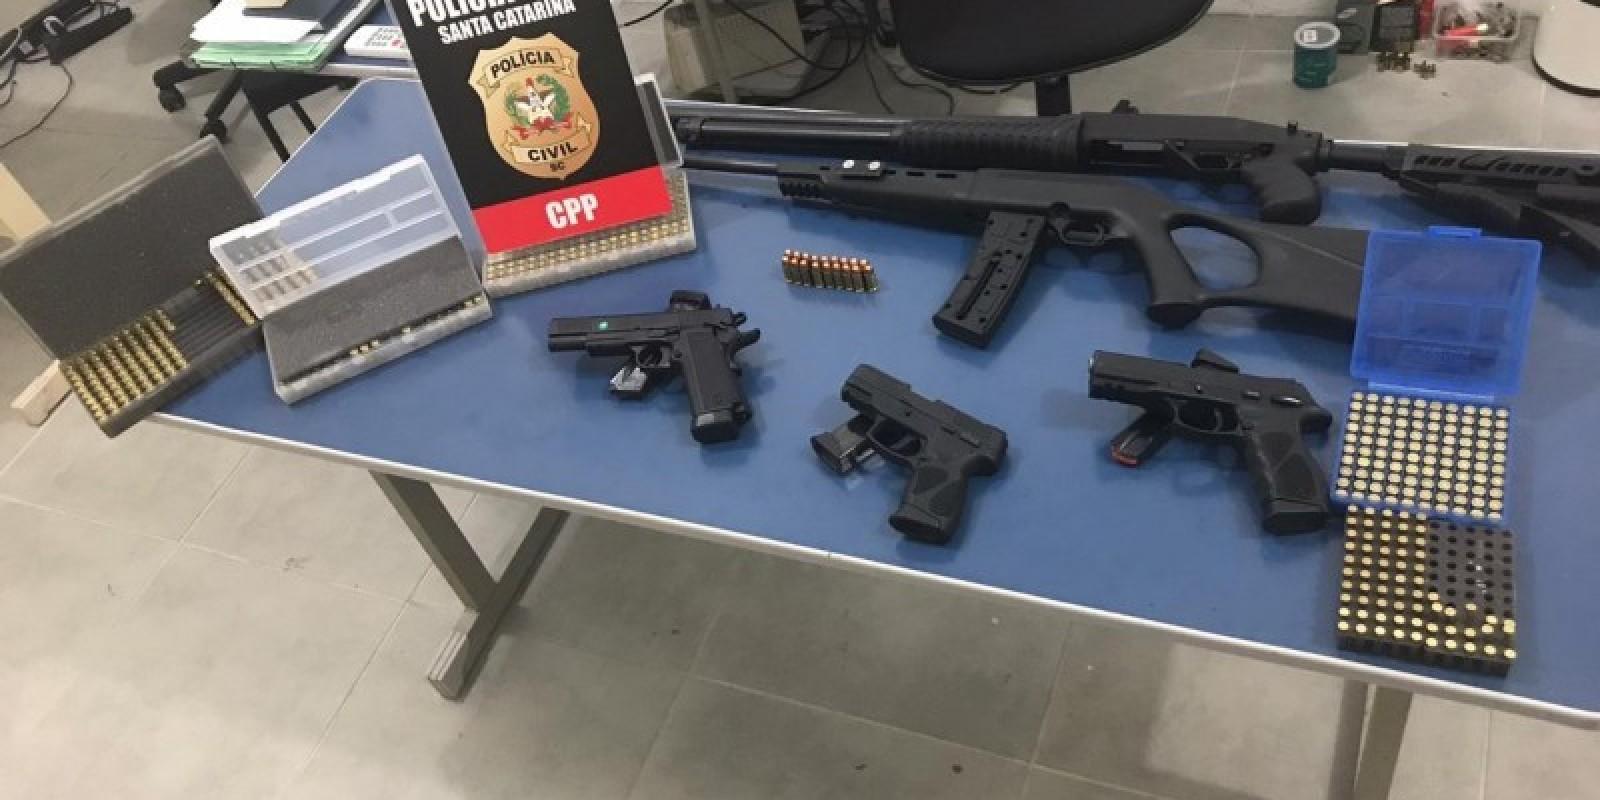 Polícia Civil apreende armas de fogo e 400 munições em Tubarão